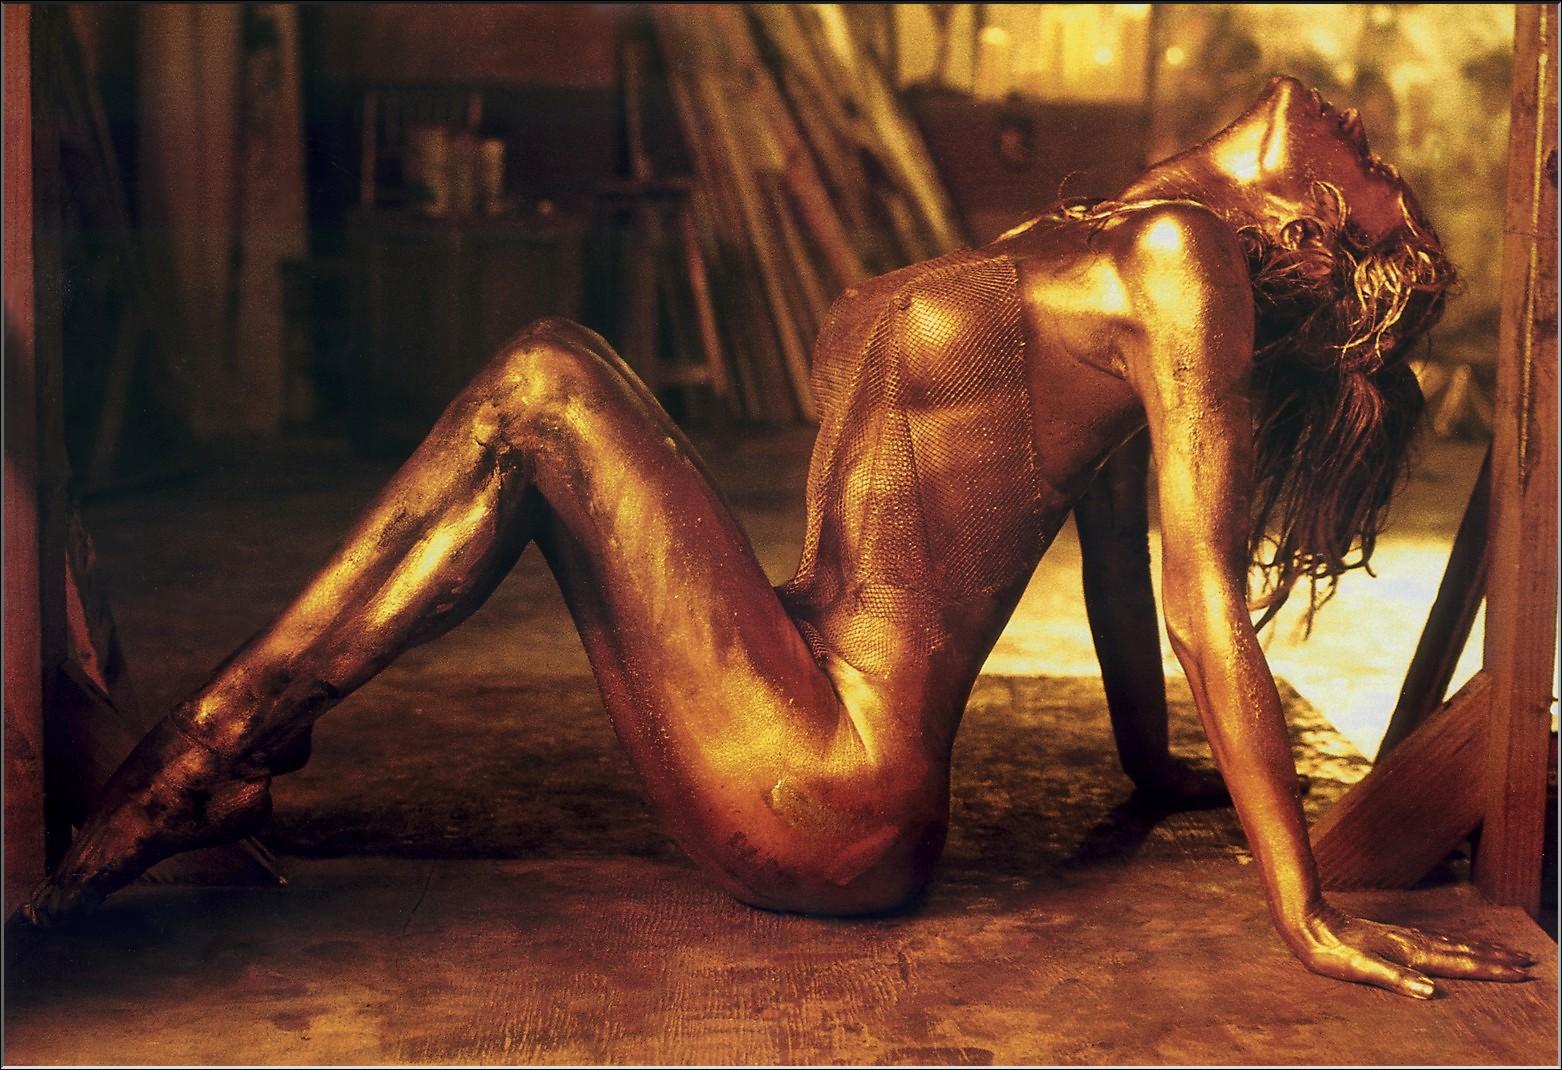 Consider, that Farrah fawcett naked